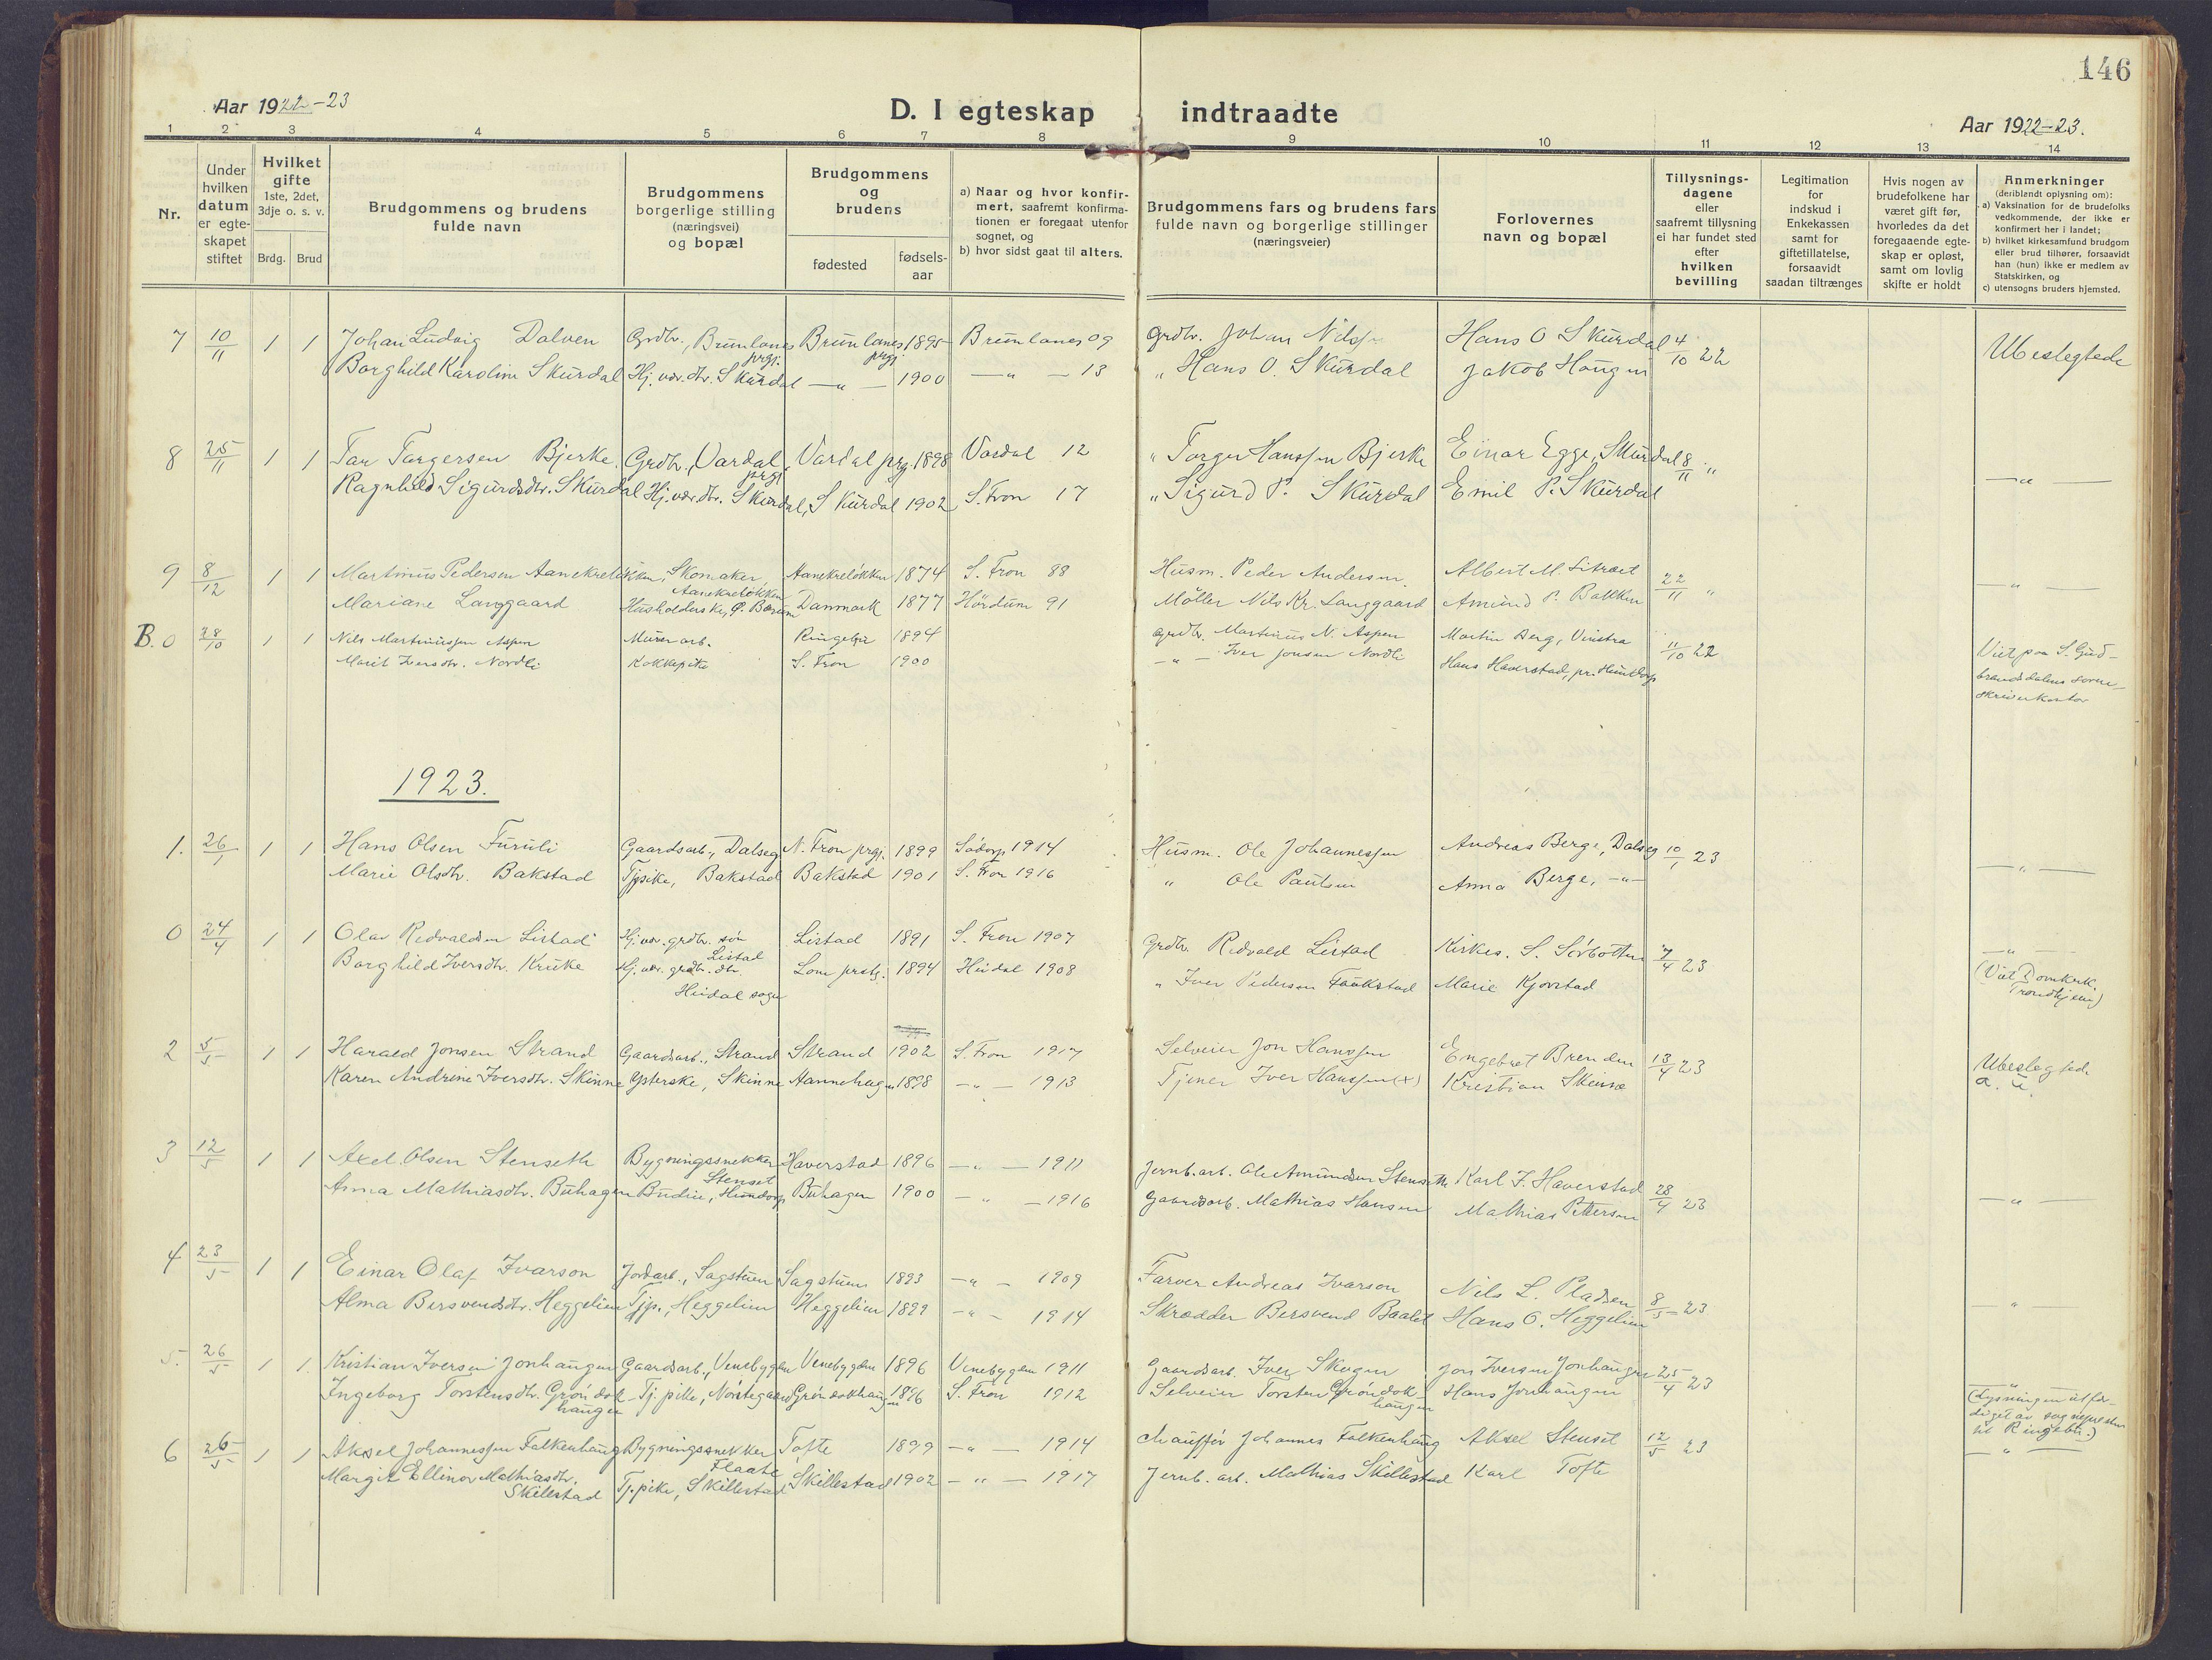 SAH, Sør-Fron prestekontor, H/Ha/Haa/L0005: Parish register (official) no. 5, 1920-1933, p. 146